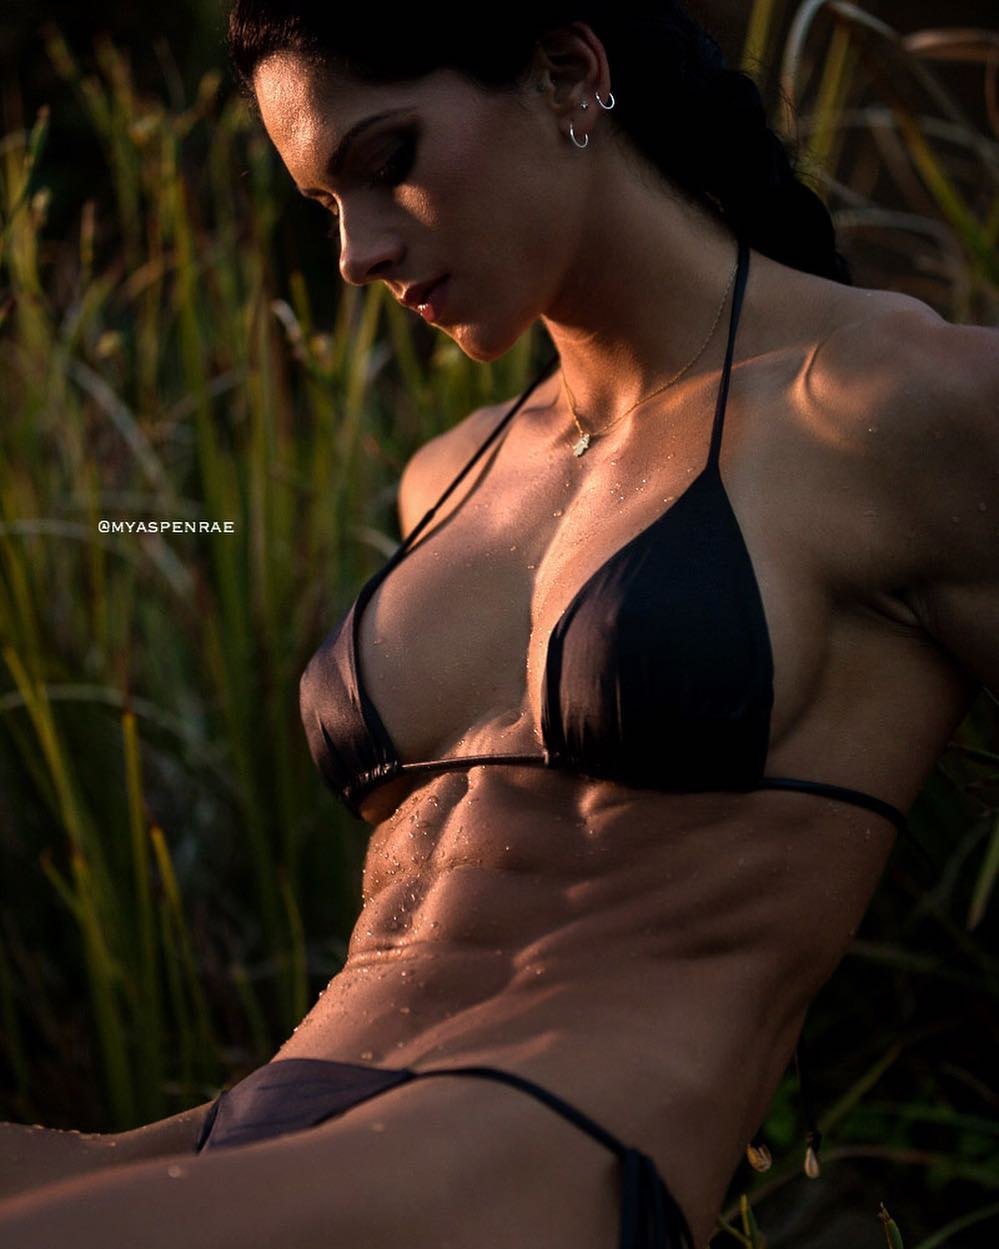 マッチョほどではない筋肉質の美女の画像☆24 YouTube動画>5本 ->画像>799枚